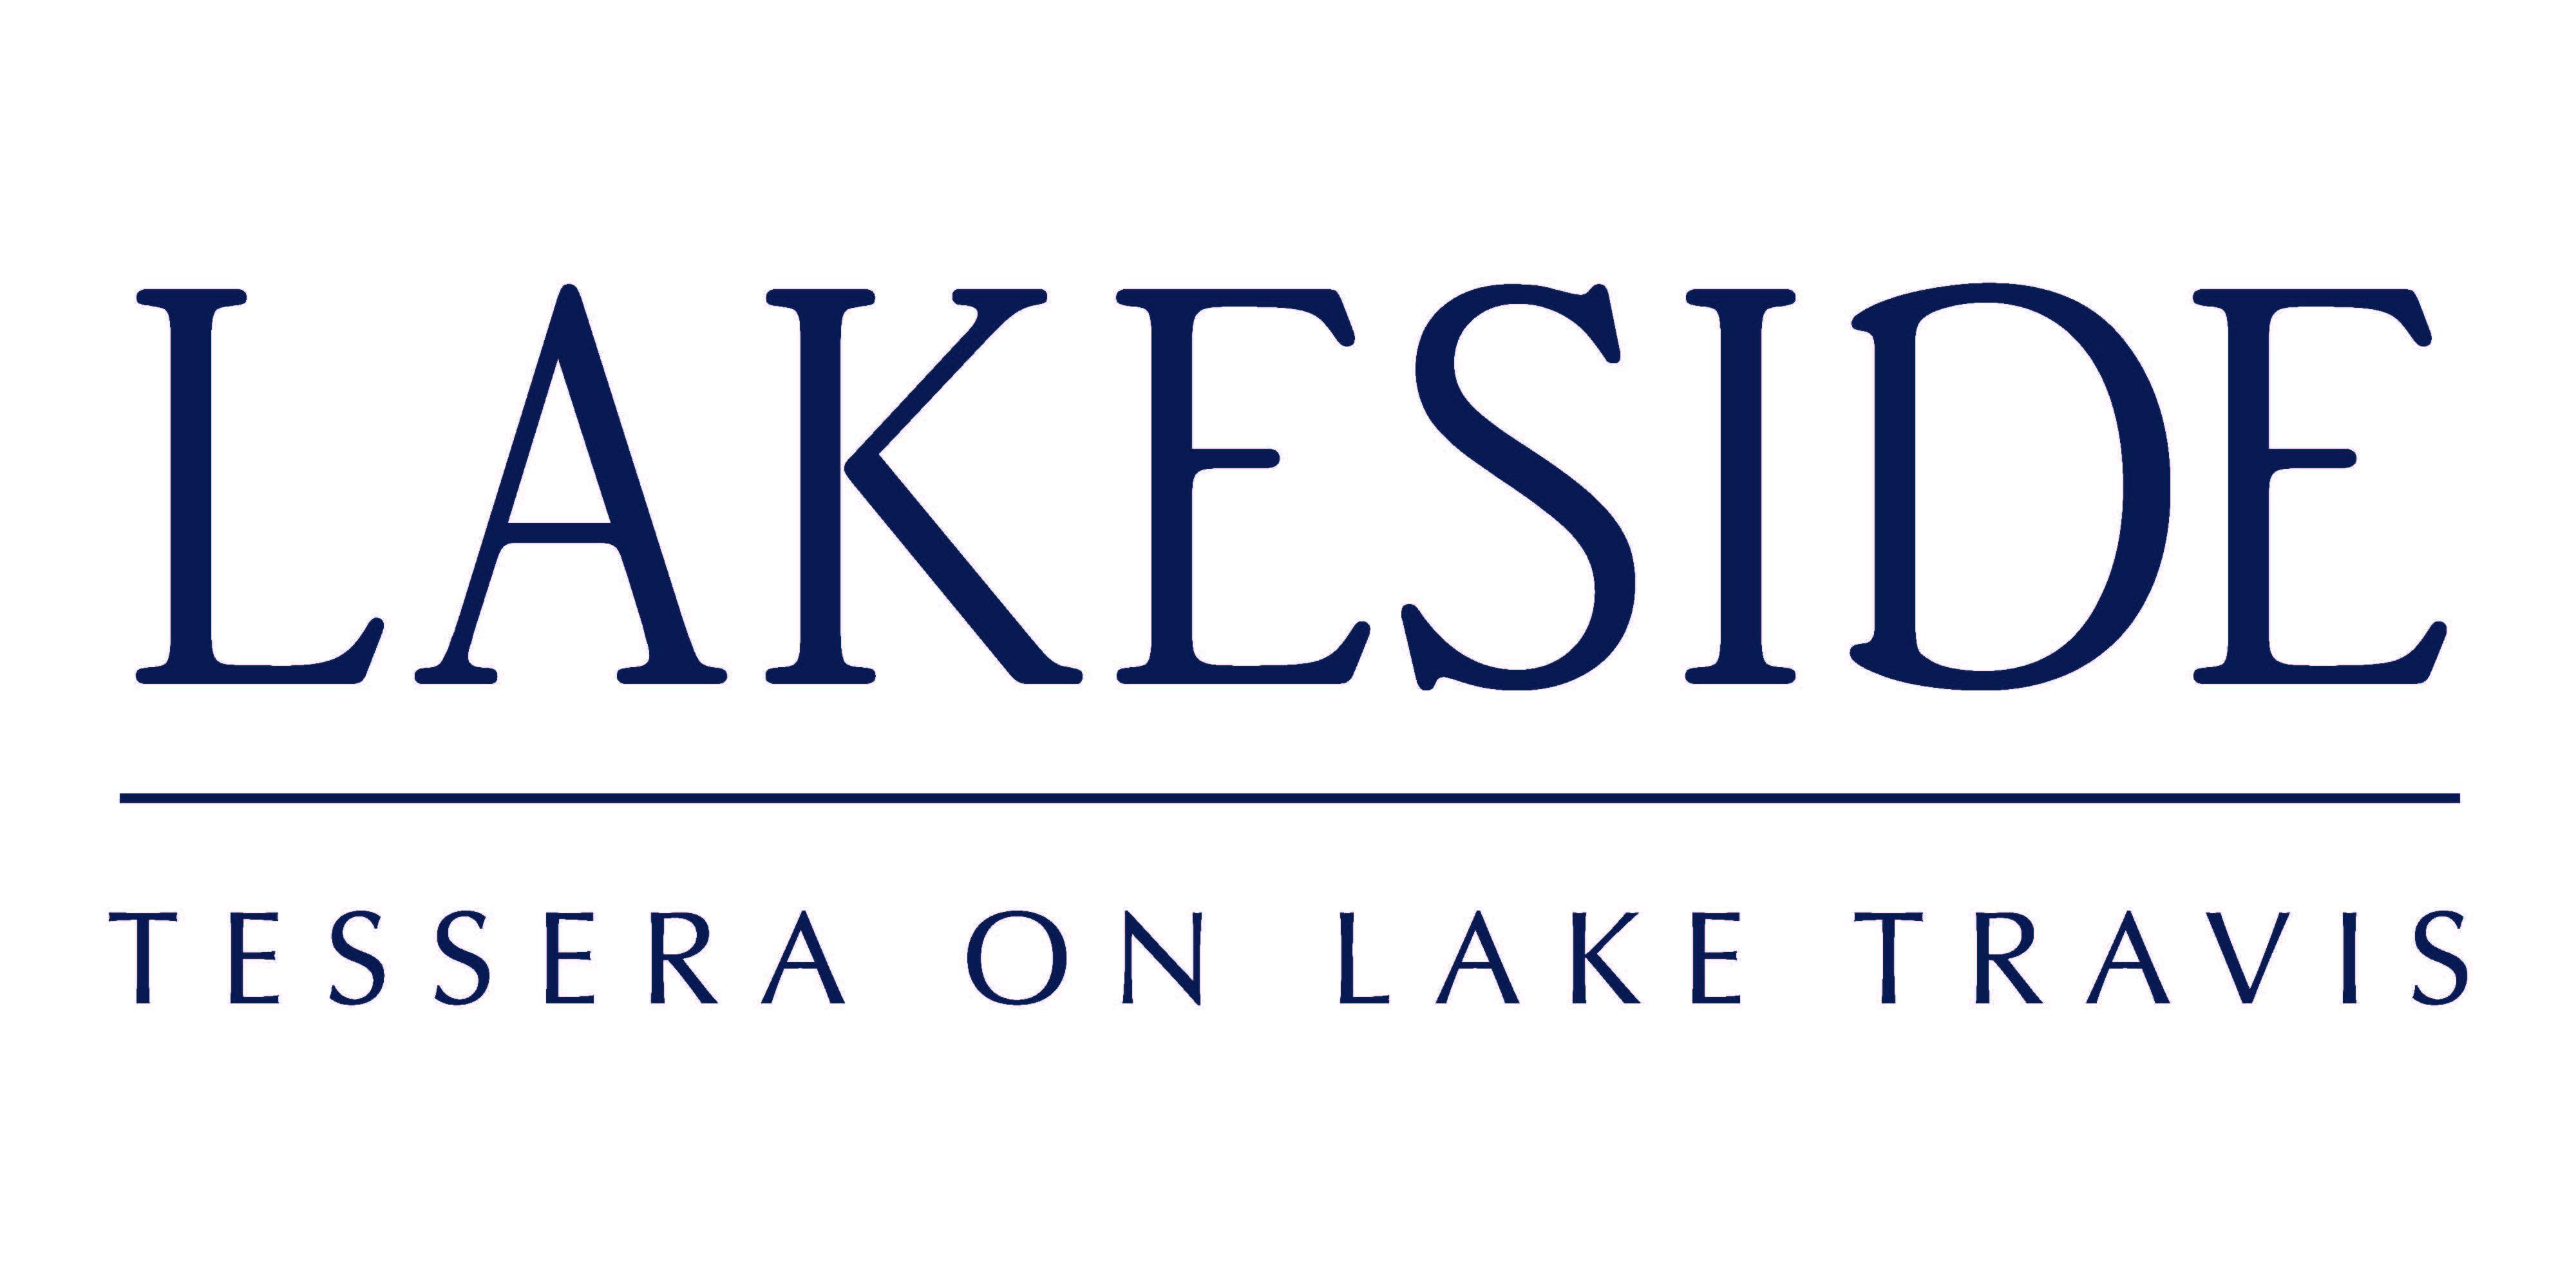 Lakeside at Tessera on Lake Travis